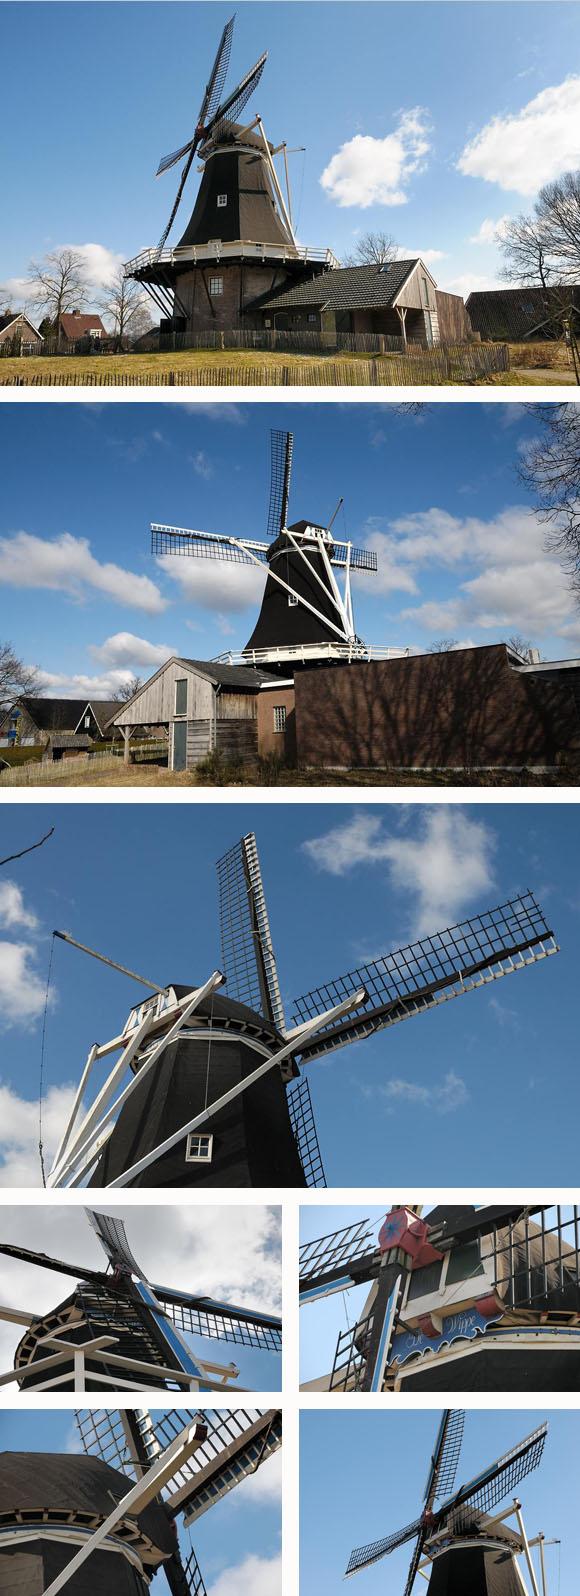 De Wippe / Molen van Fakkert, Hellendoorn, Eddy Blenke (6-3-2010). | Database Nederlandse molens